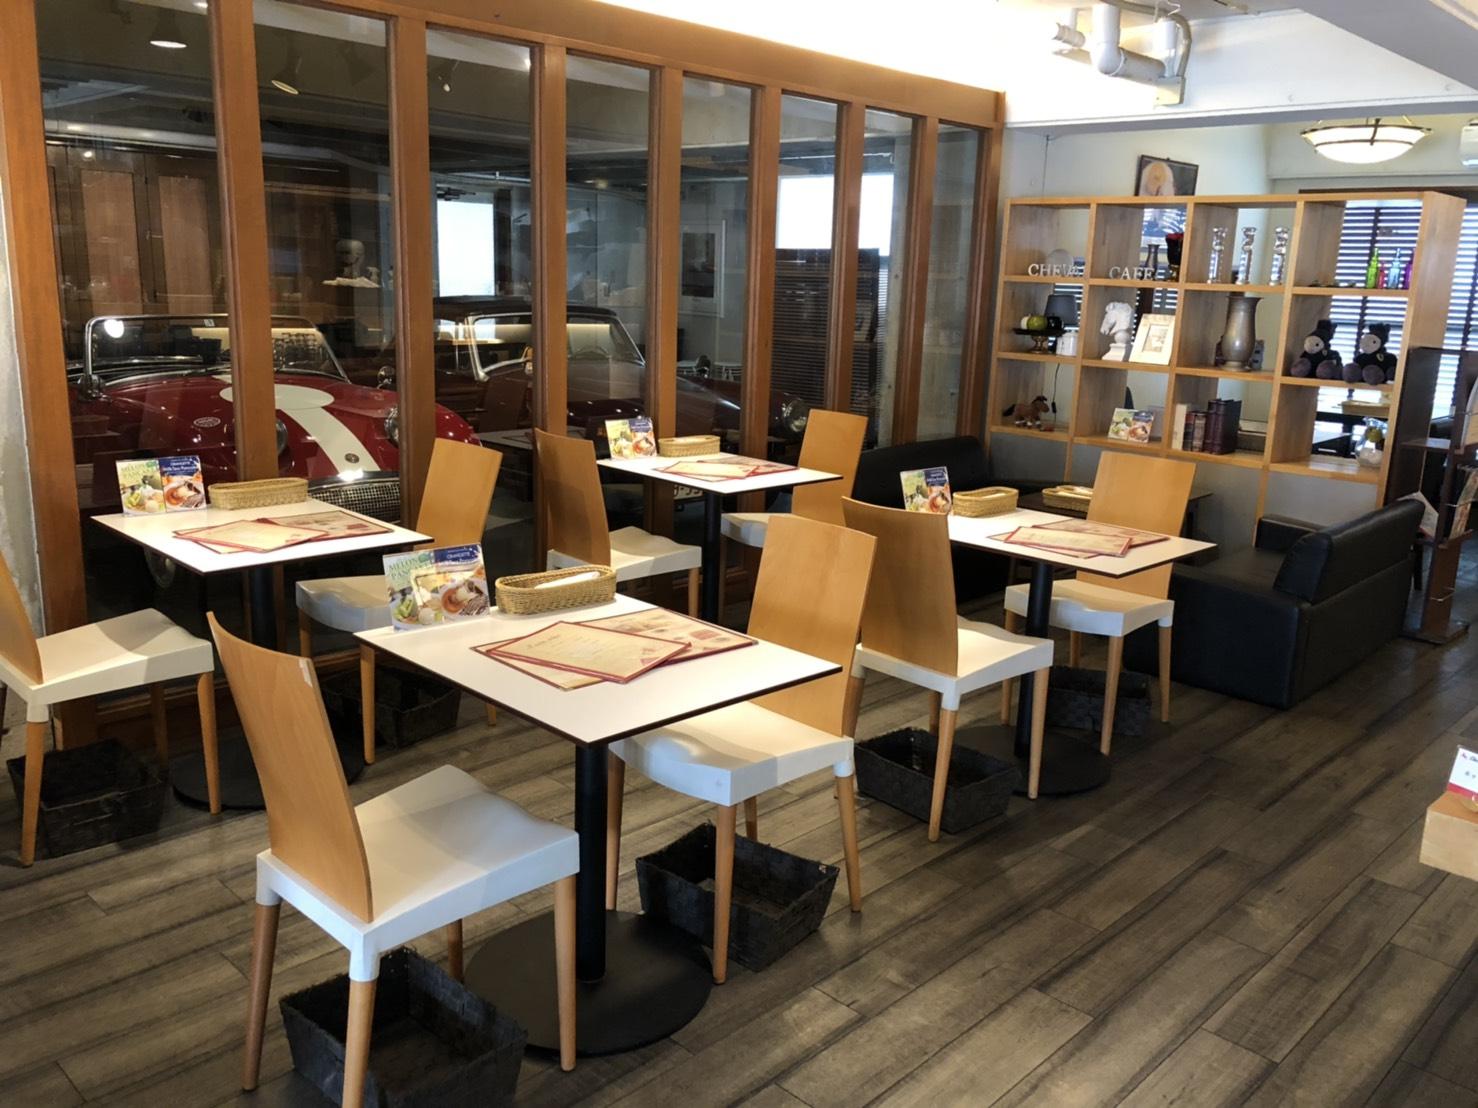 2019/6/12 Cheval Cafe (シュバルカフェ) Googleストリートビュー屋内版撮影